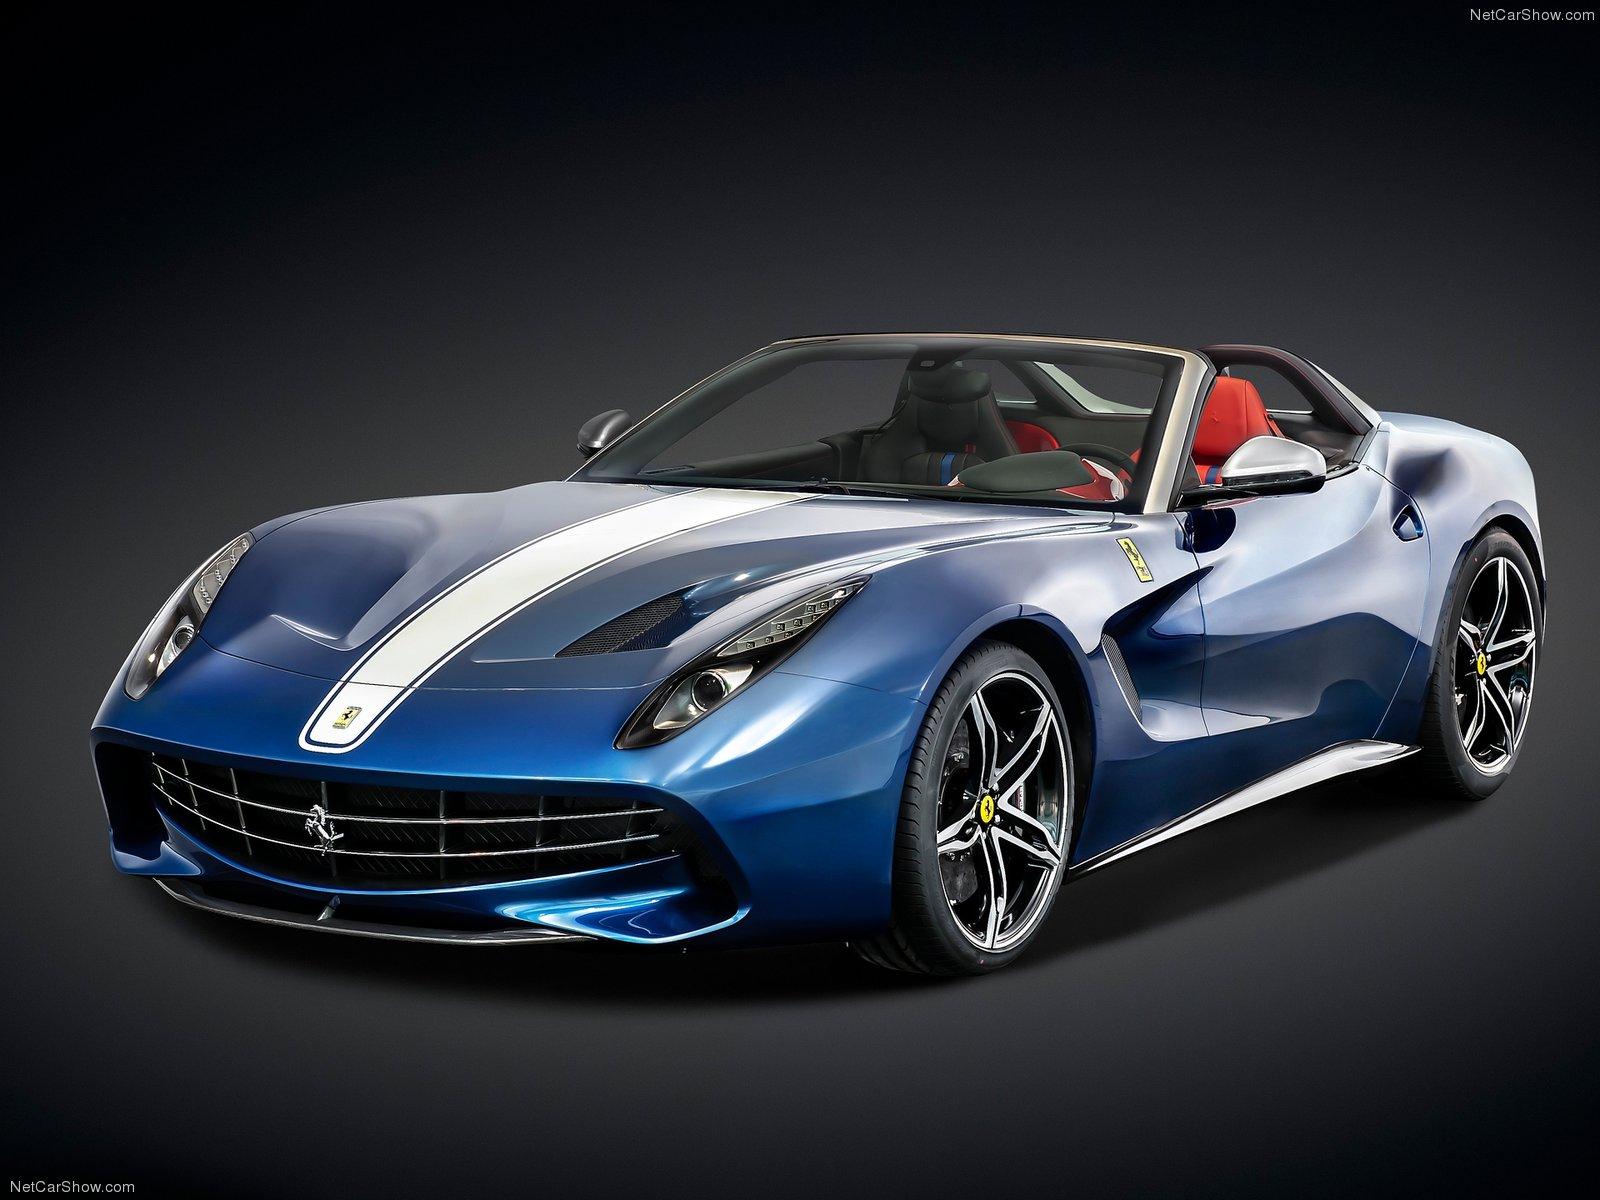 Hình ảnh siêu xe Ferrari F60America 2015 & nội ngoại thất